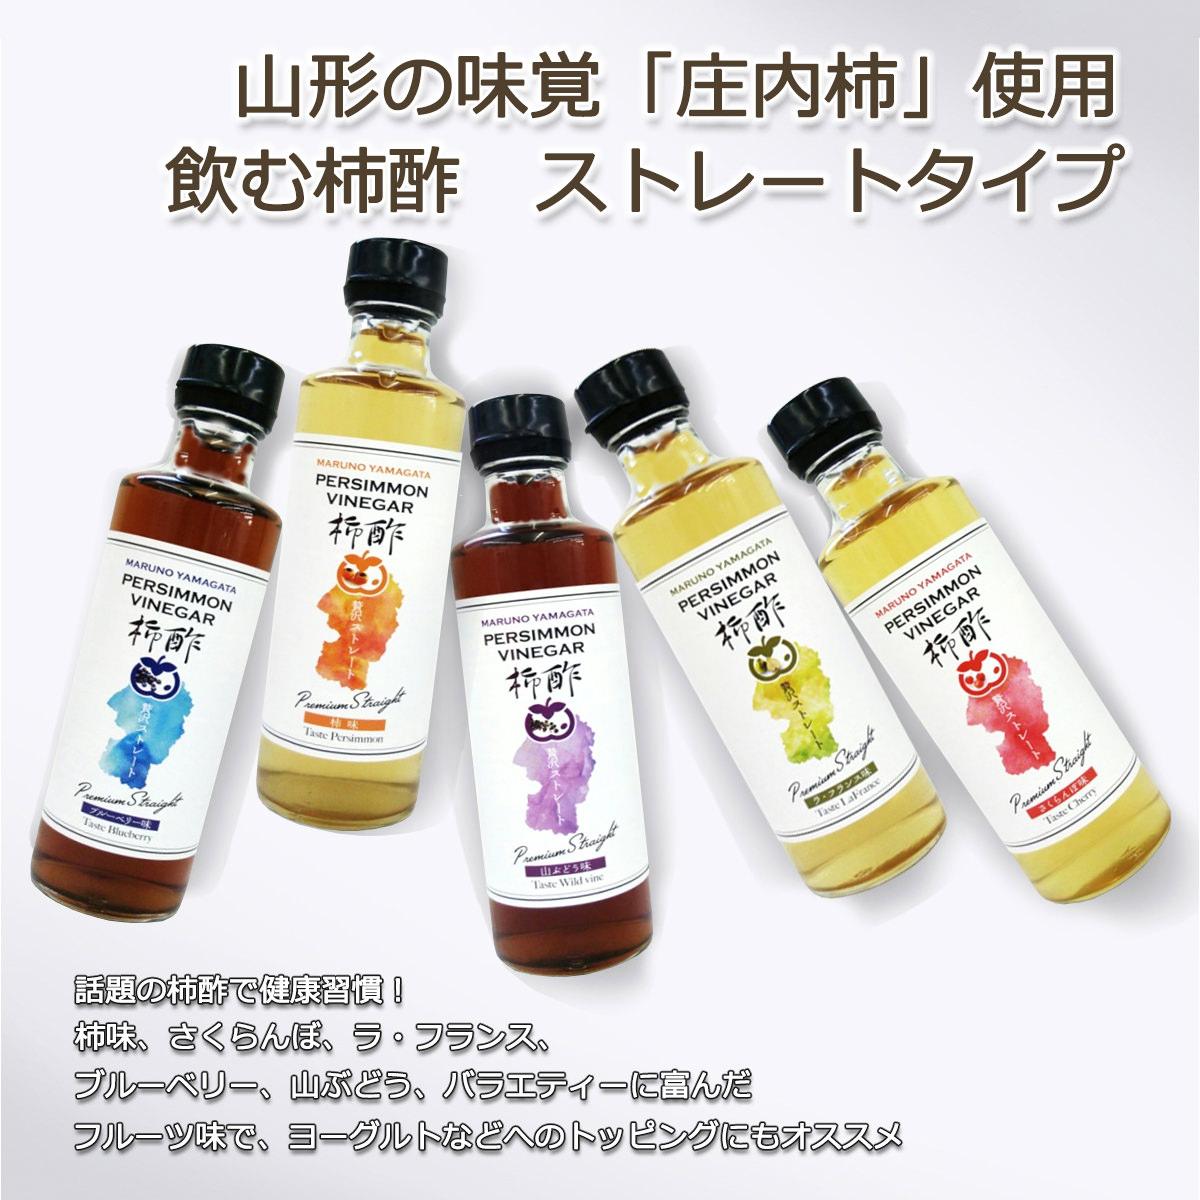 庄内特産!まろやか柿酢ストレート5種セット | 株式会社みどりサービス・山形県